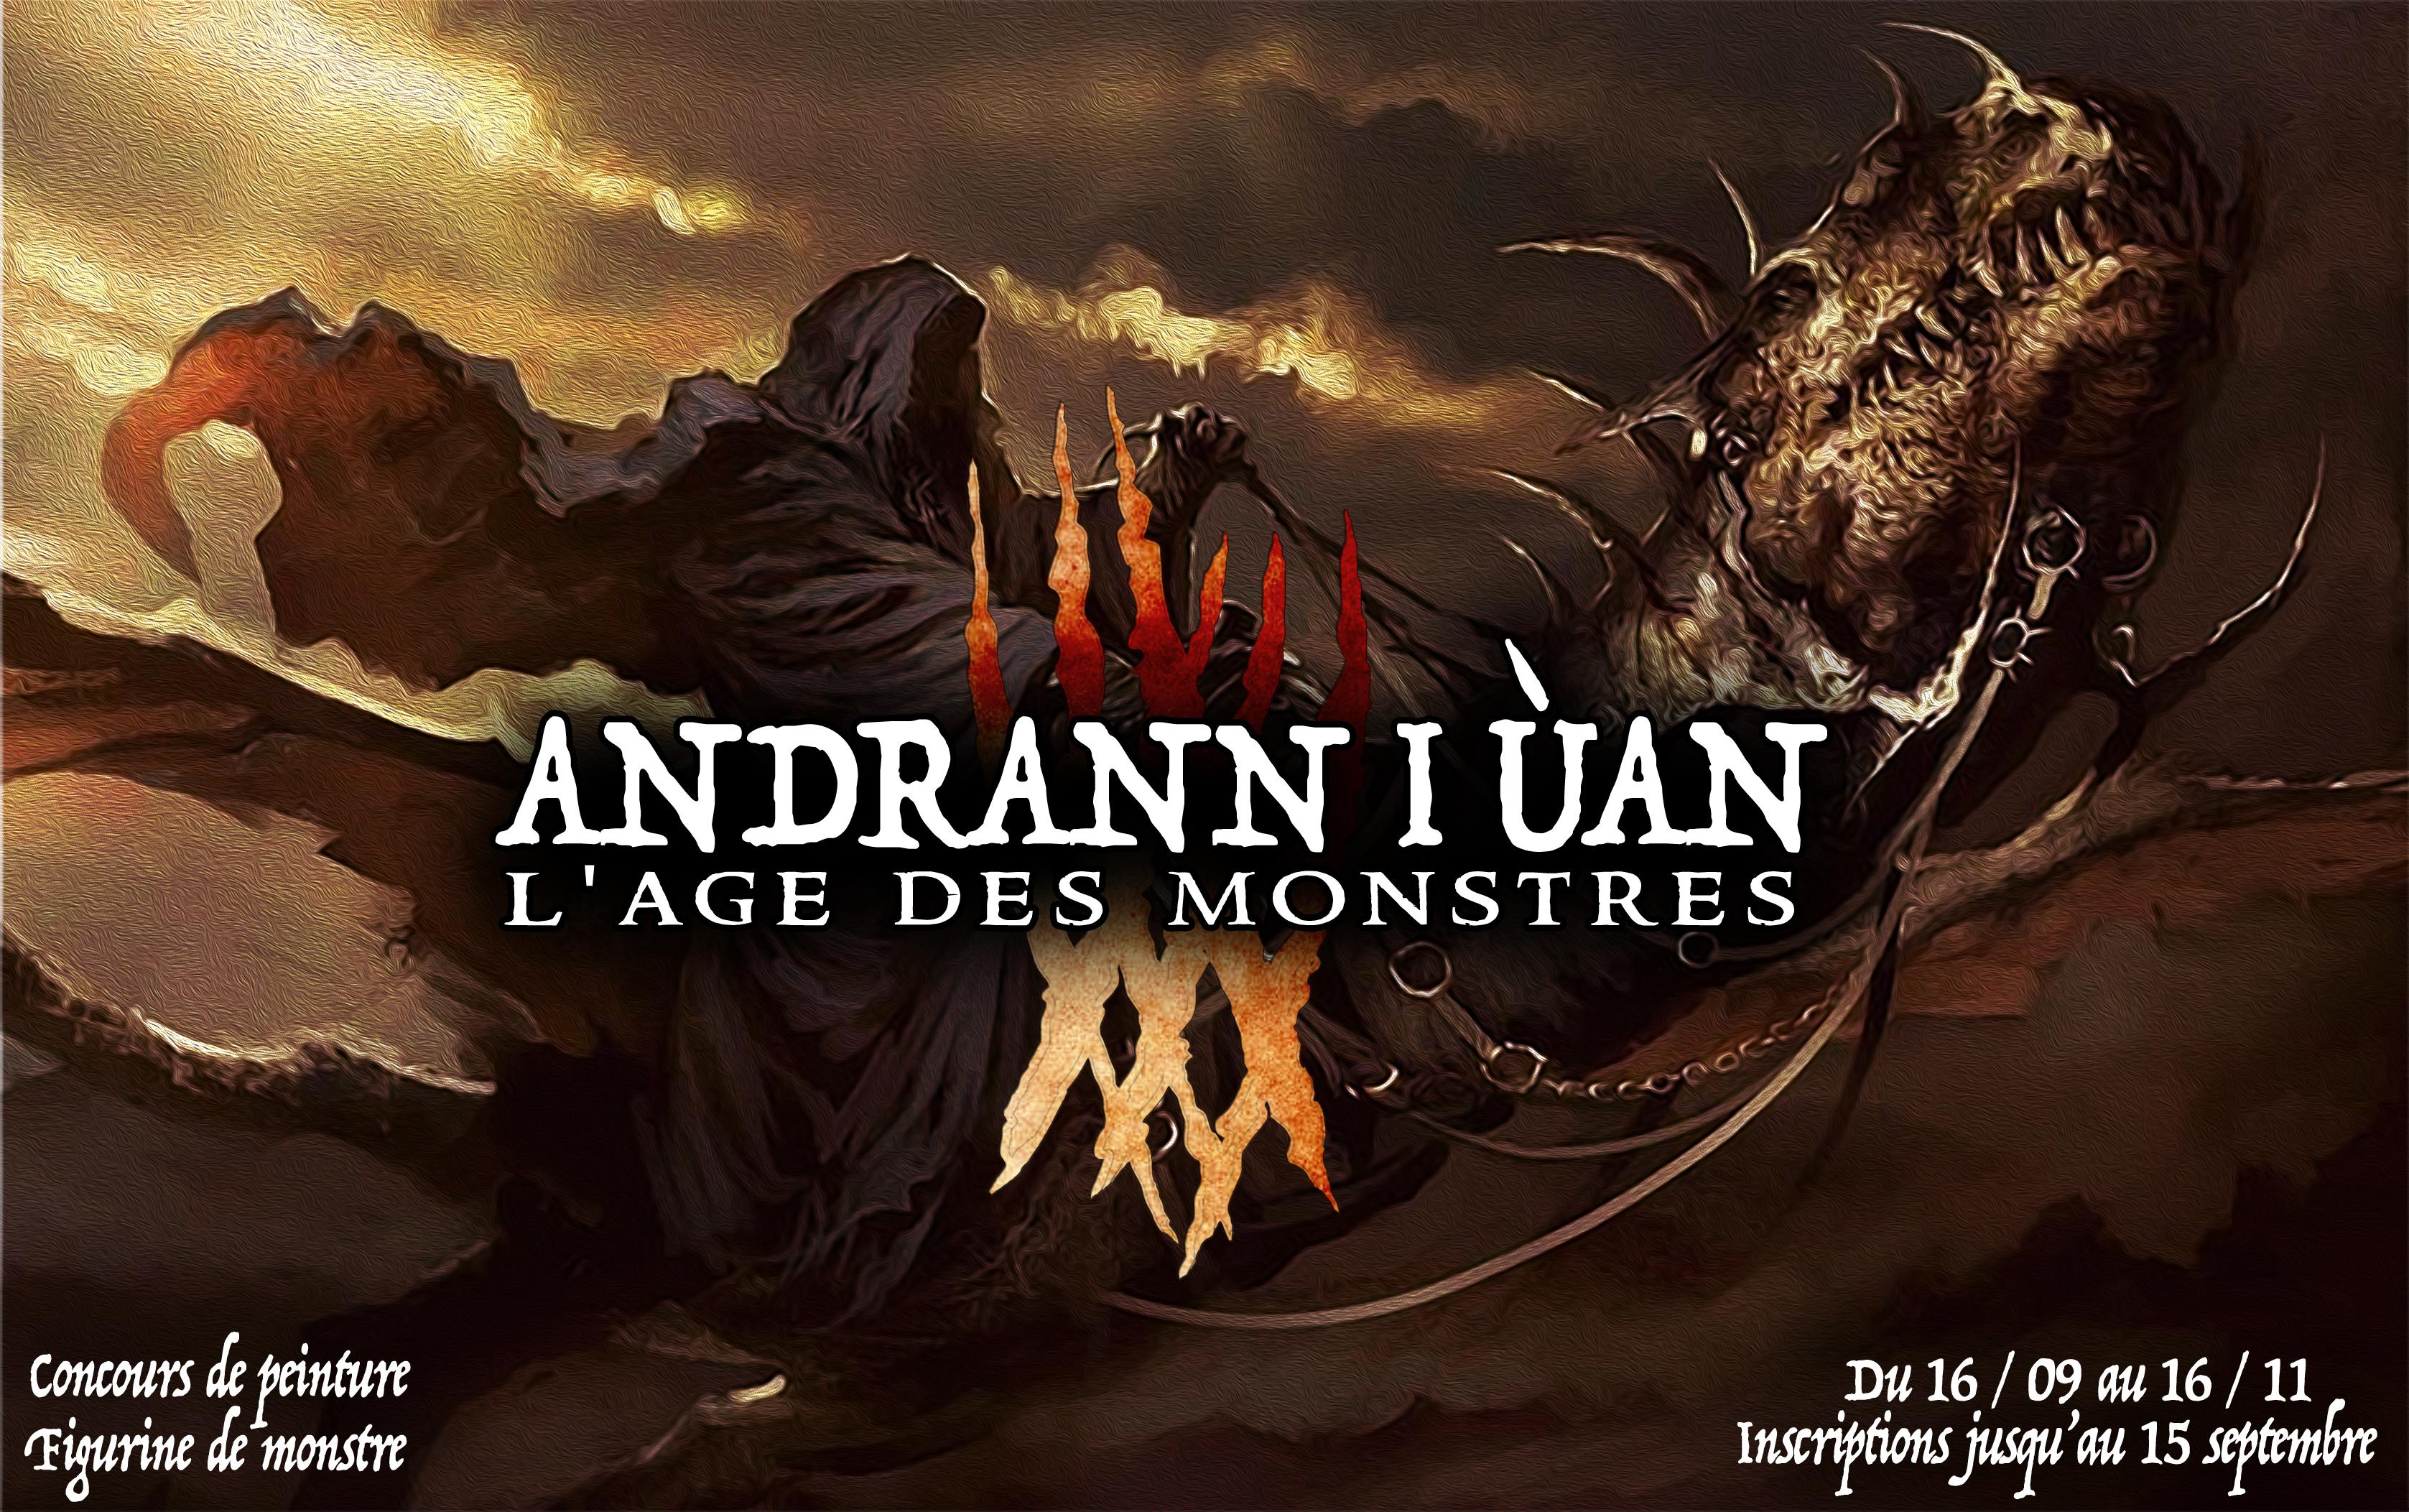 Concours de Peinture n°7: Andrann i ùan - L'Age des Monstres 1536131410-andrann-i-uaan